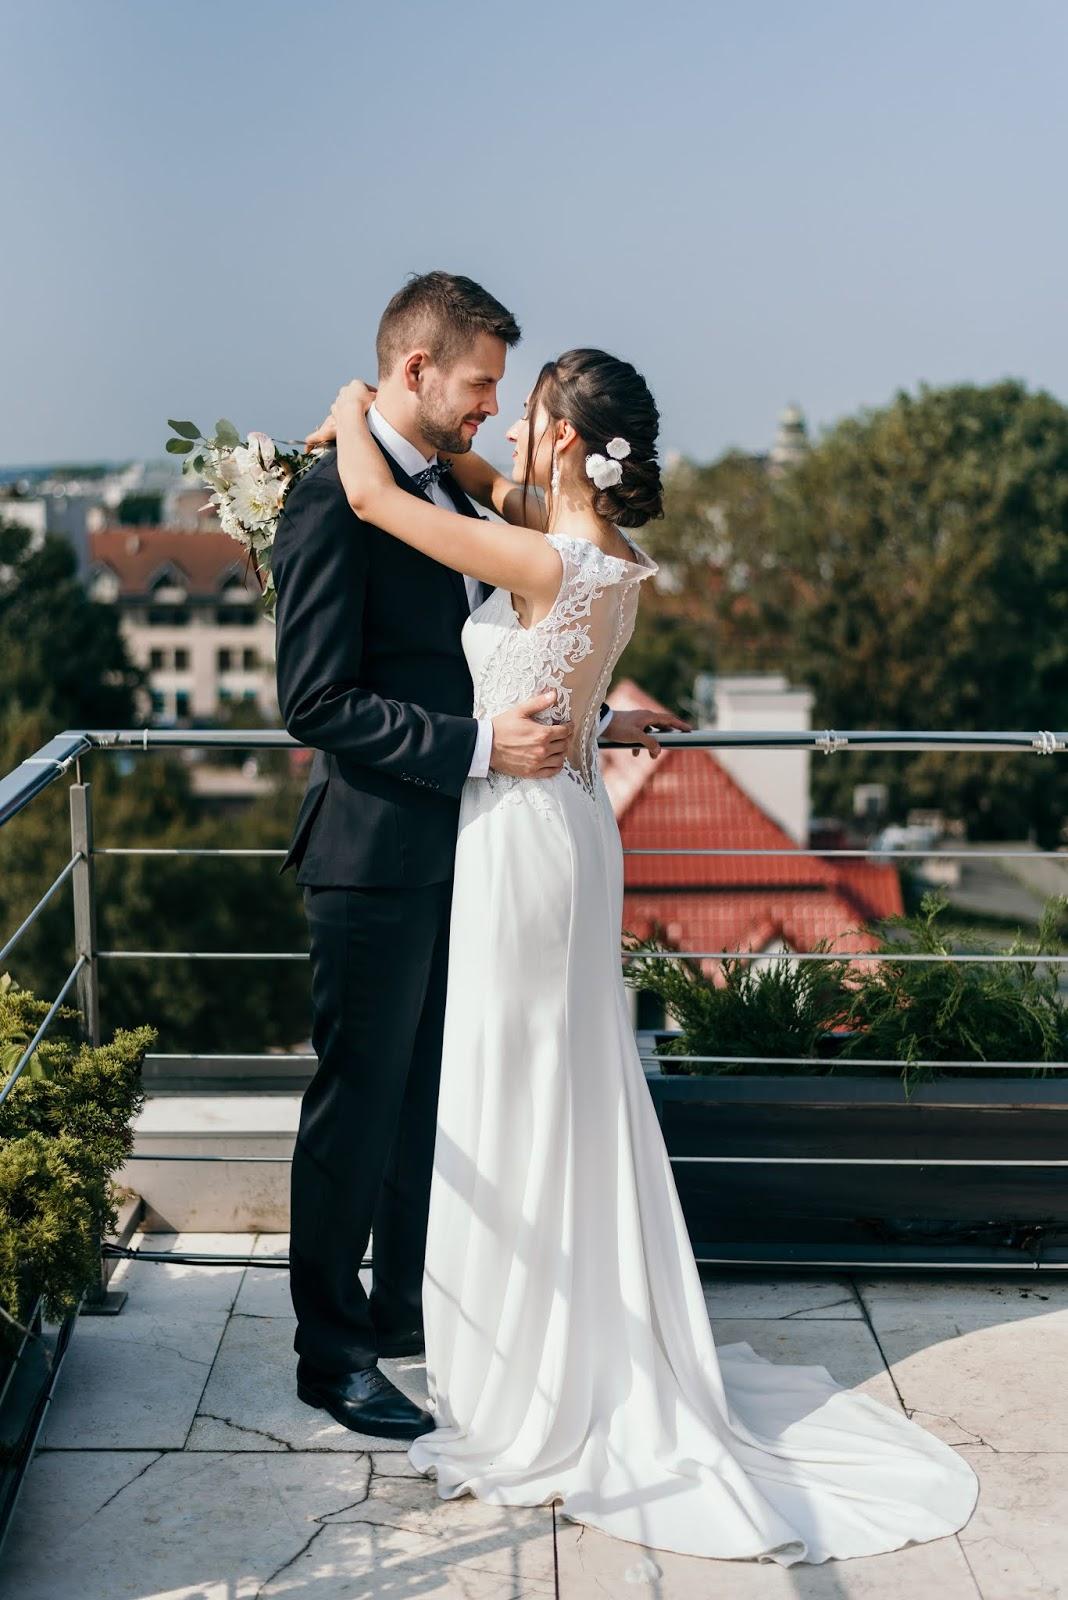 Śnieżnobiała suknia ślubna z koronkami.